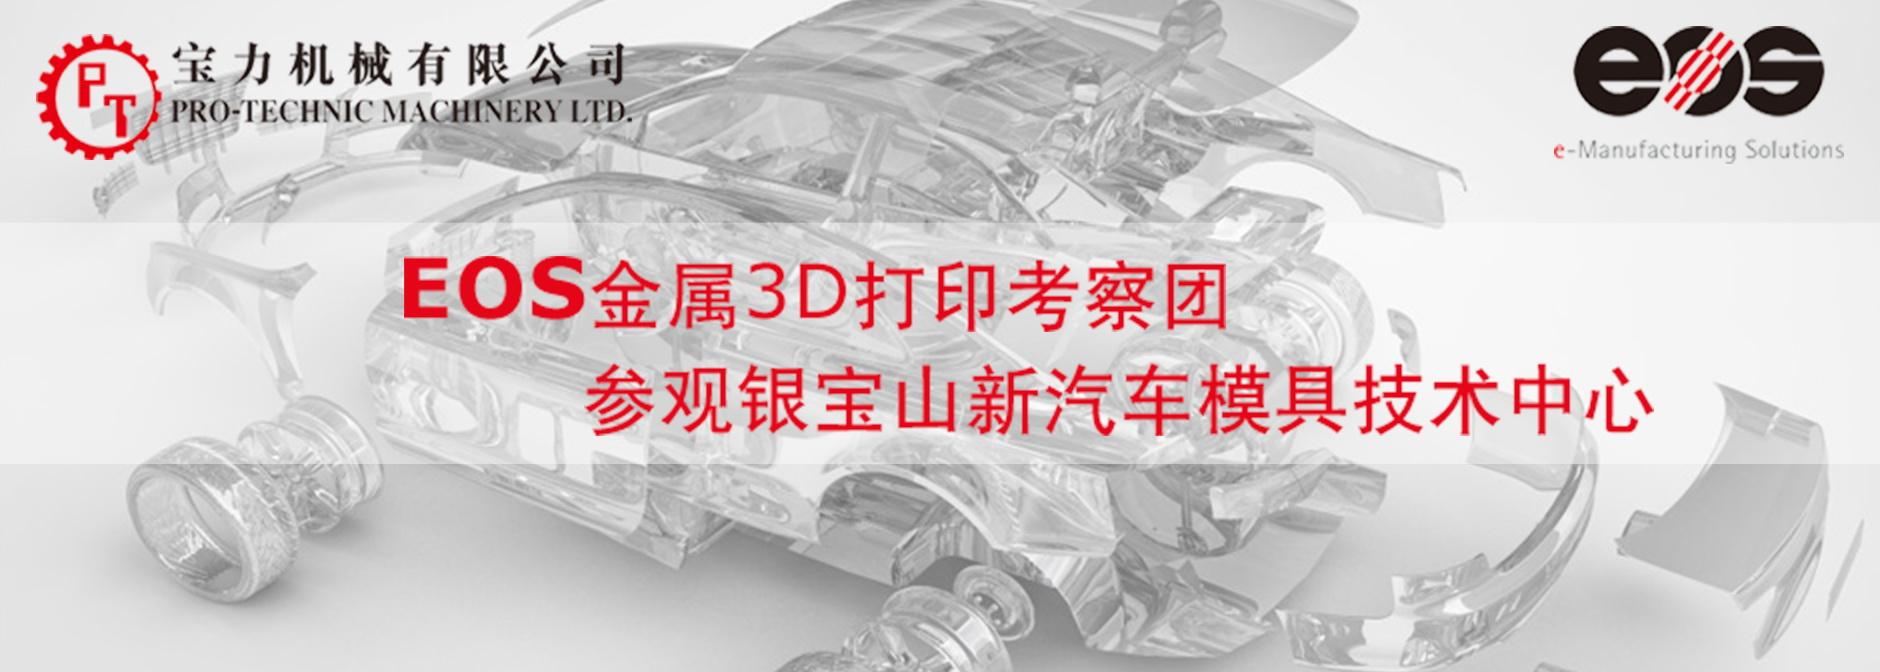 金属3D打印考察团 - 参观银宝山新汽车模具技术中心